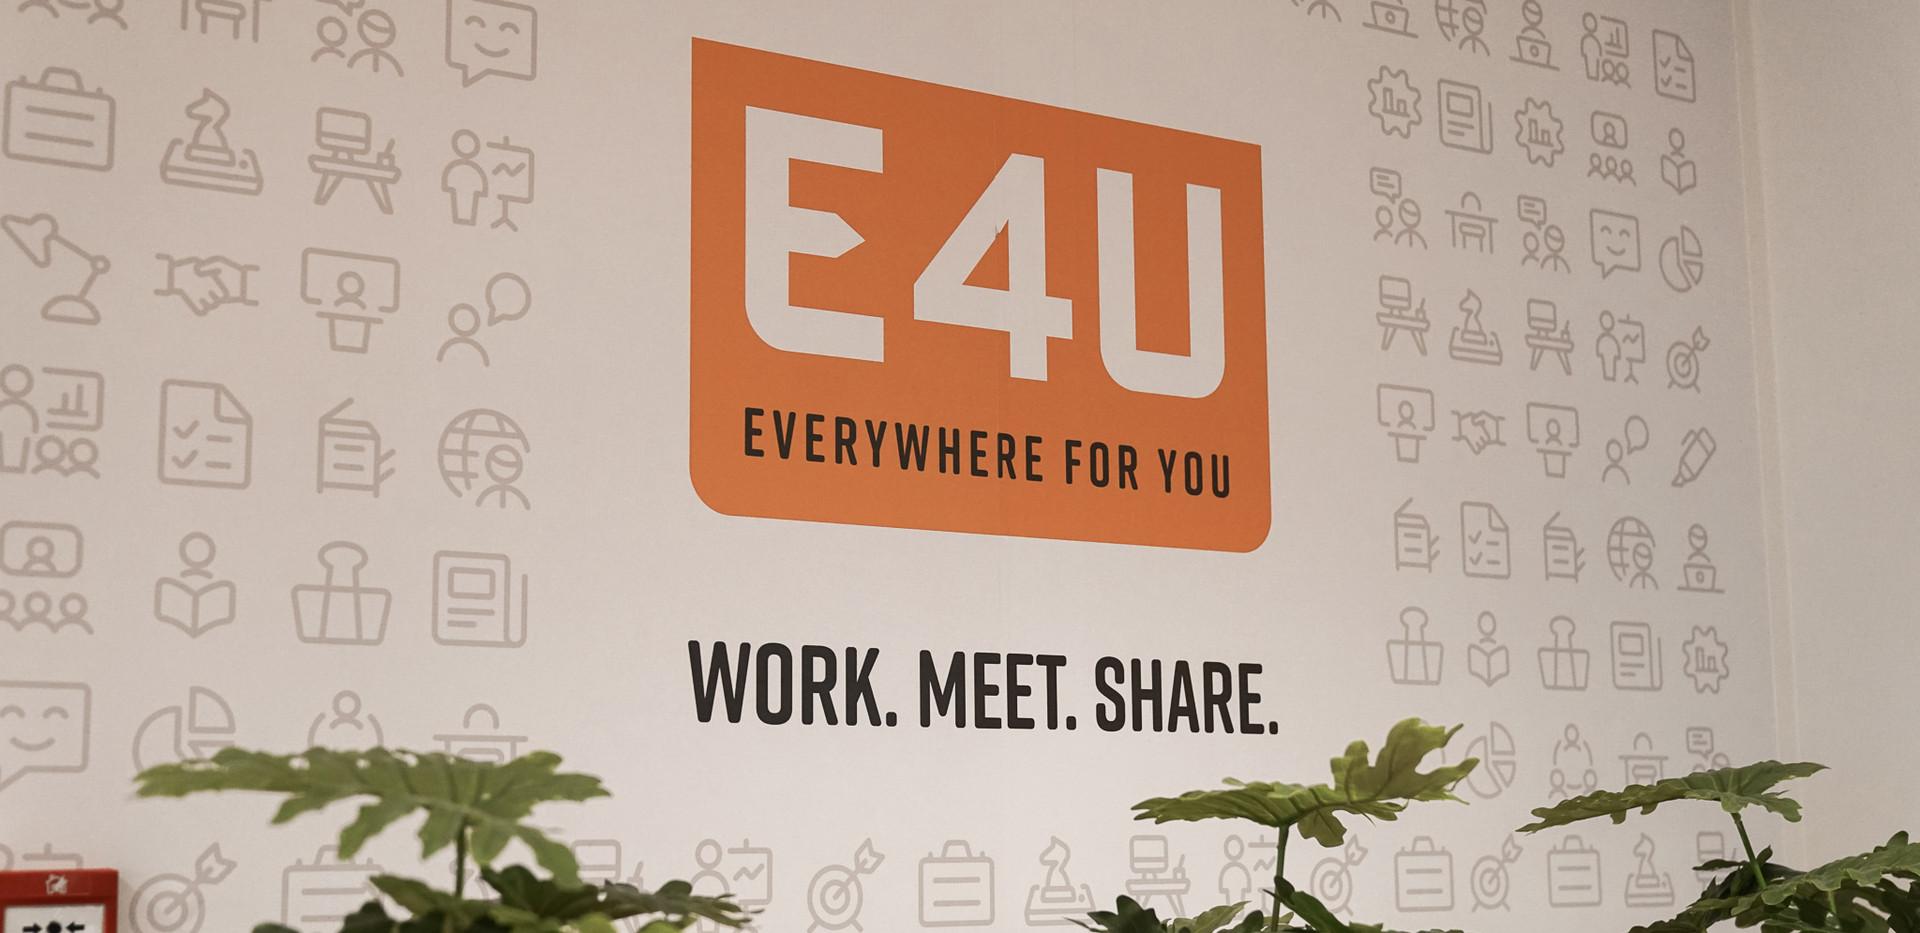 Everywhere4U